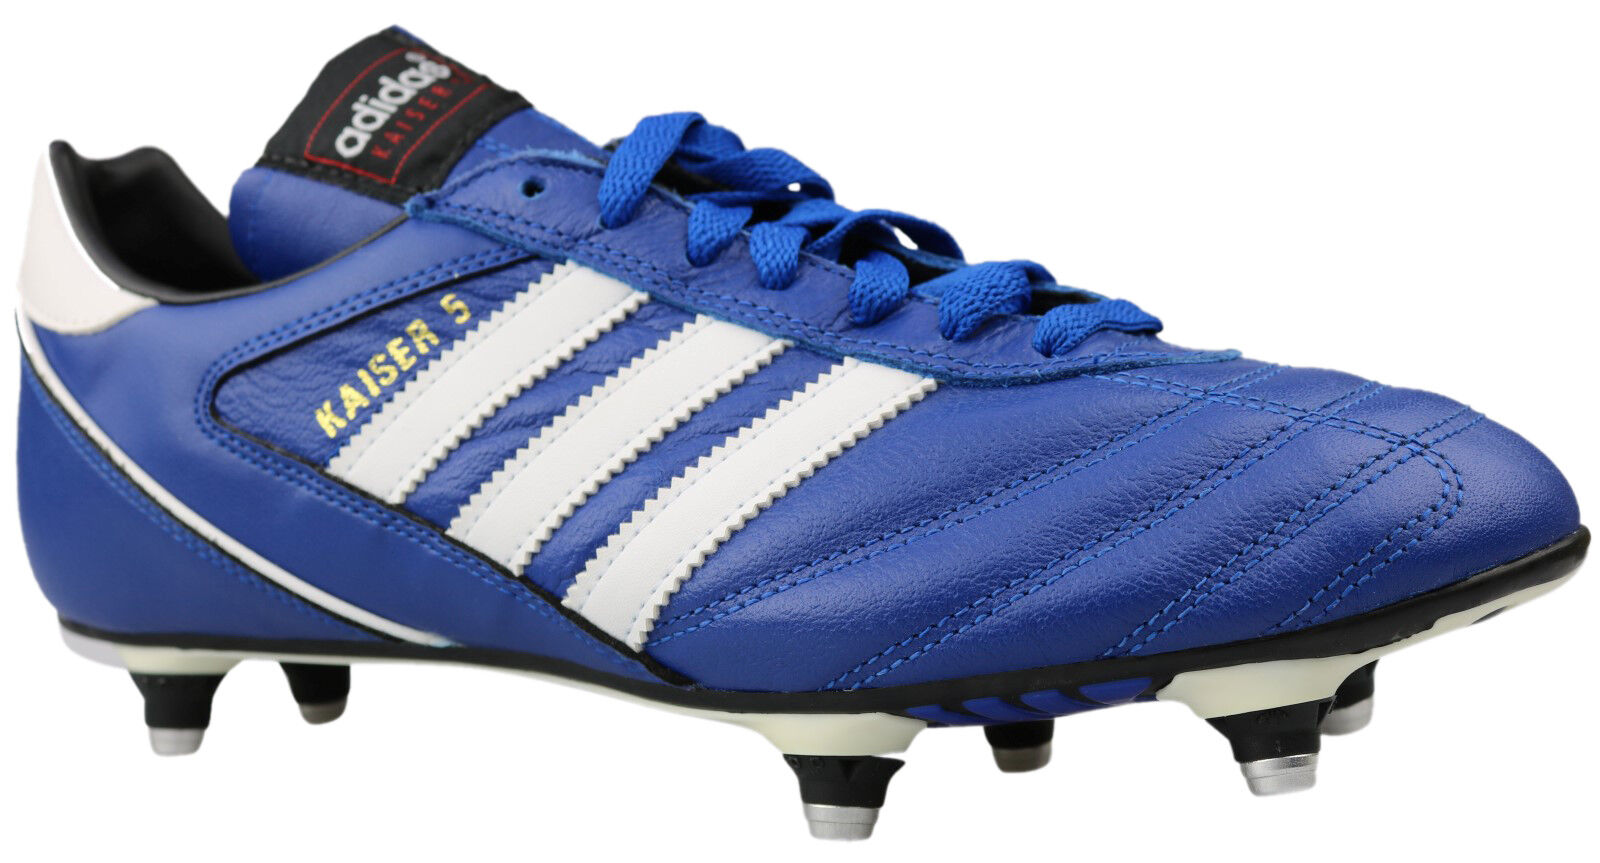 Adidas Kaiser 5 Cup Fußballschuhe Leder Stollen B34259 blue Gr. 42 NEU & OVP